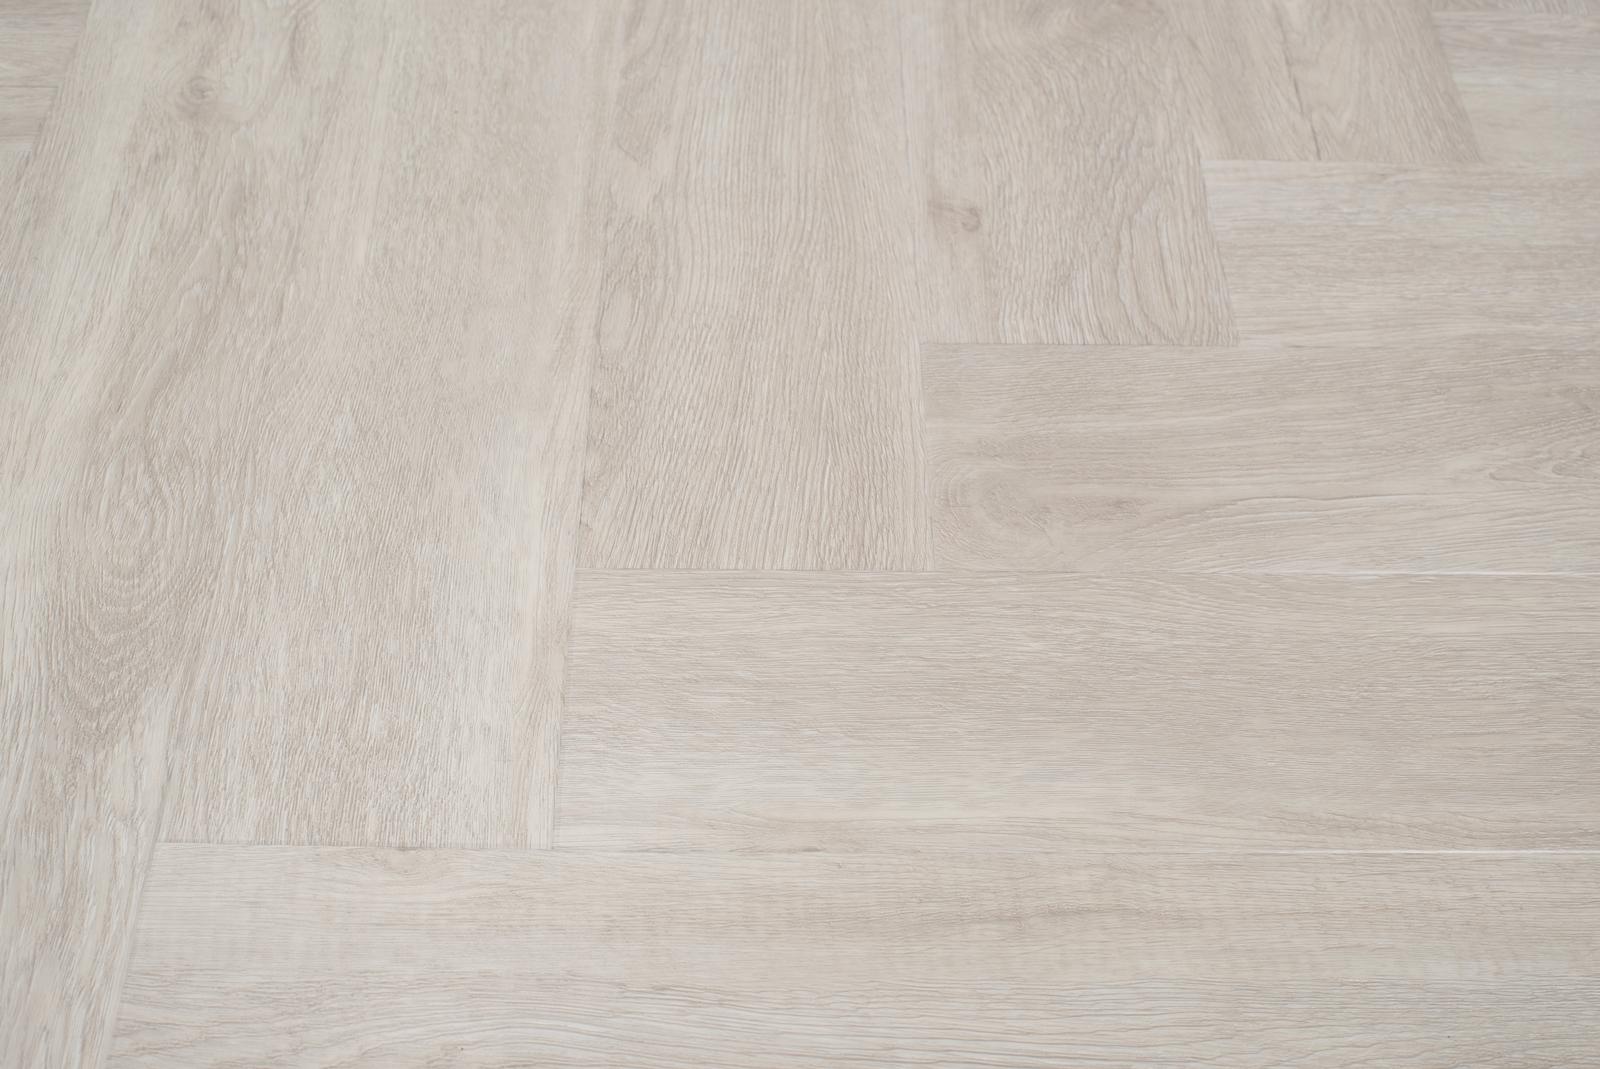 Pvc Visgraat Vloer : Floer visgraat pvc vloer krijtwit eiken visgraat vloeren met v groef